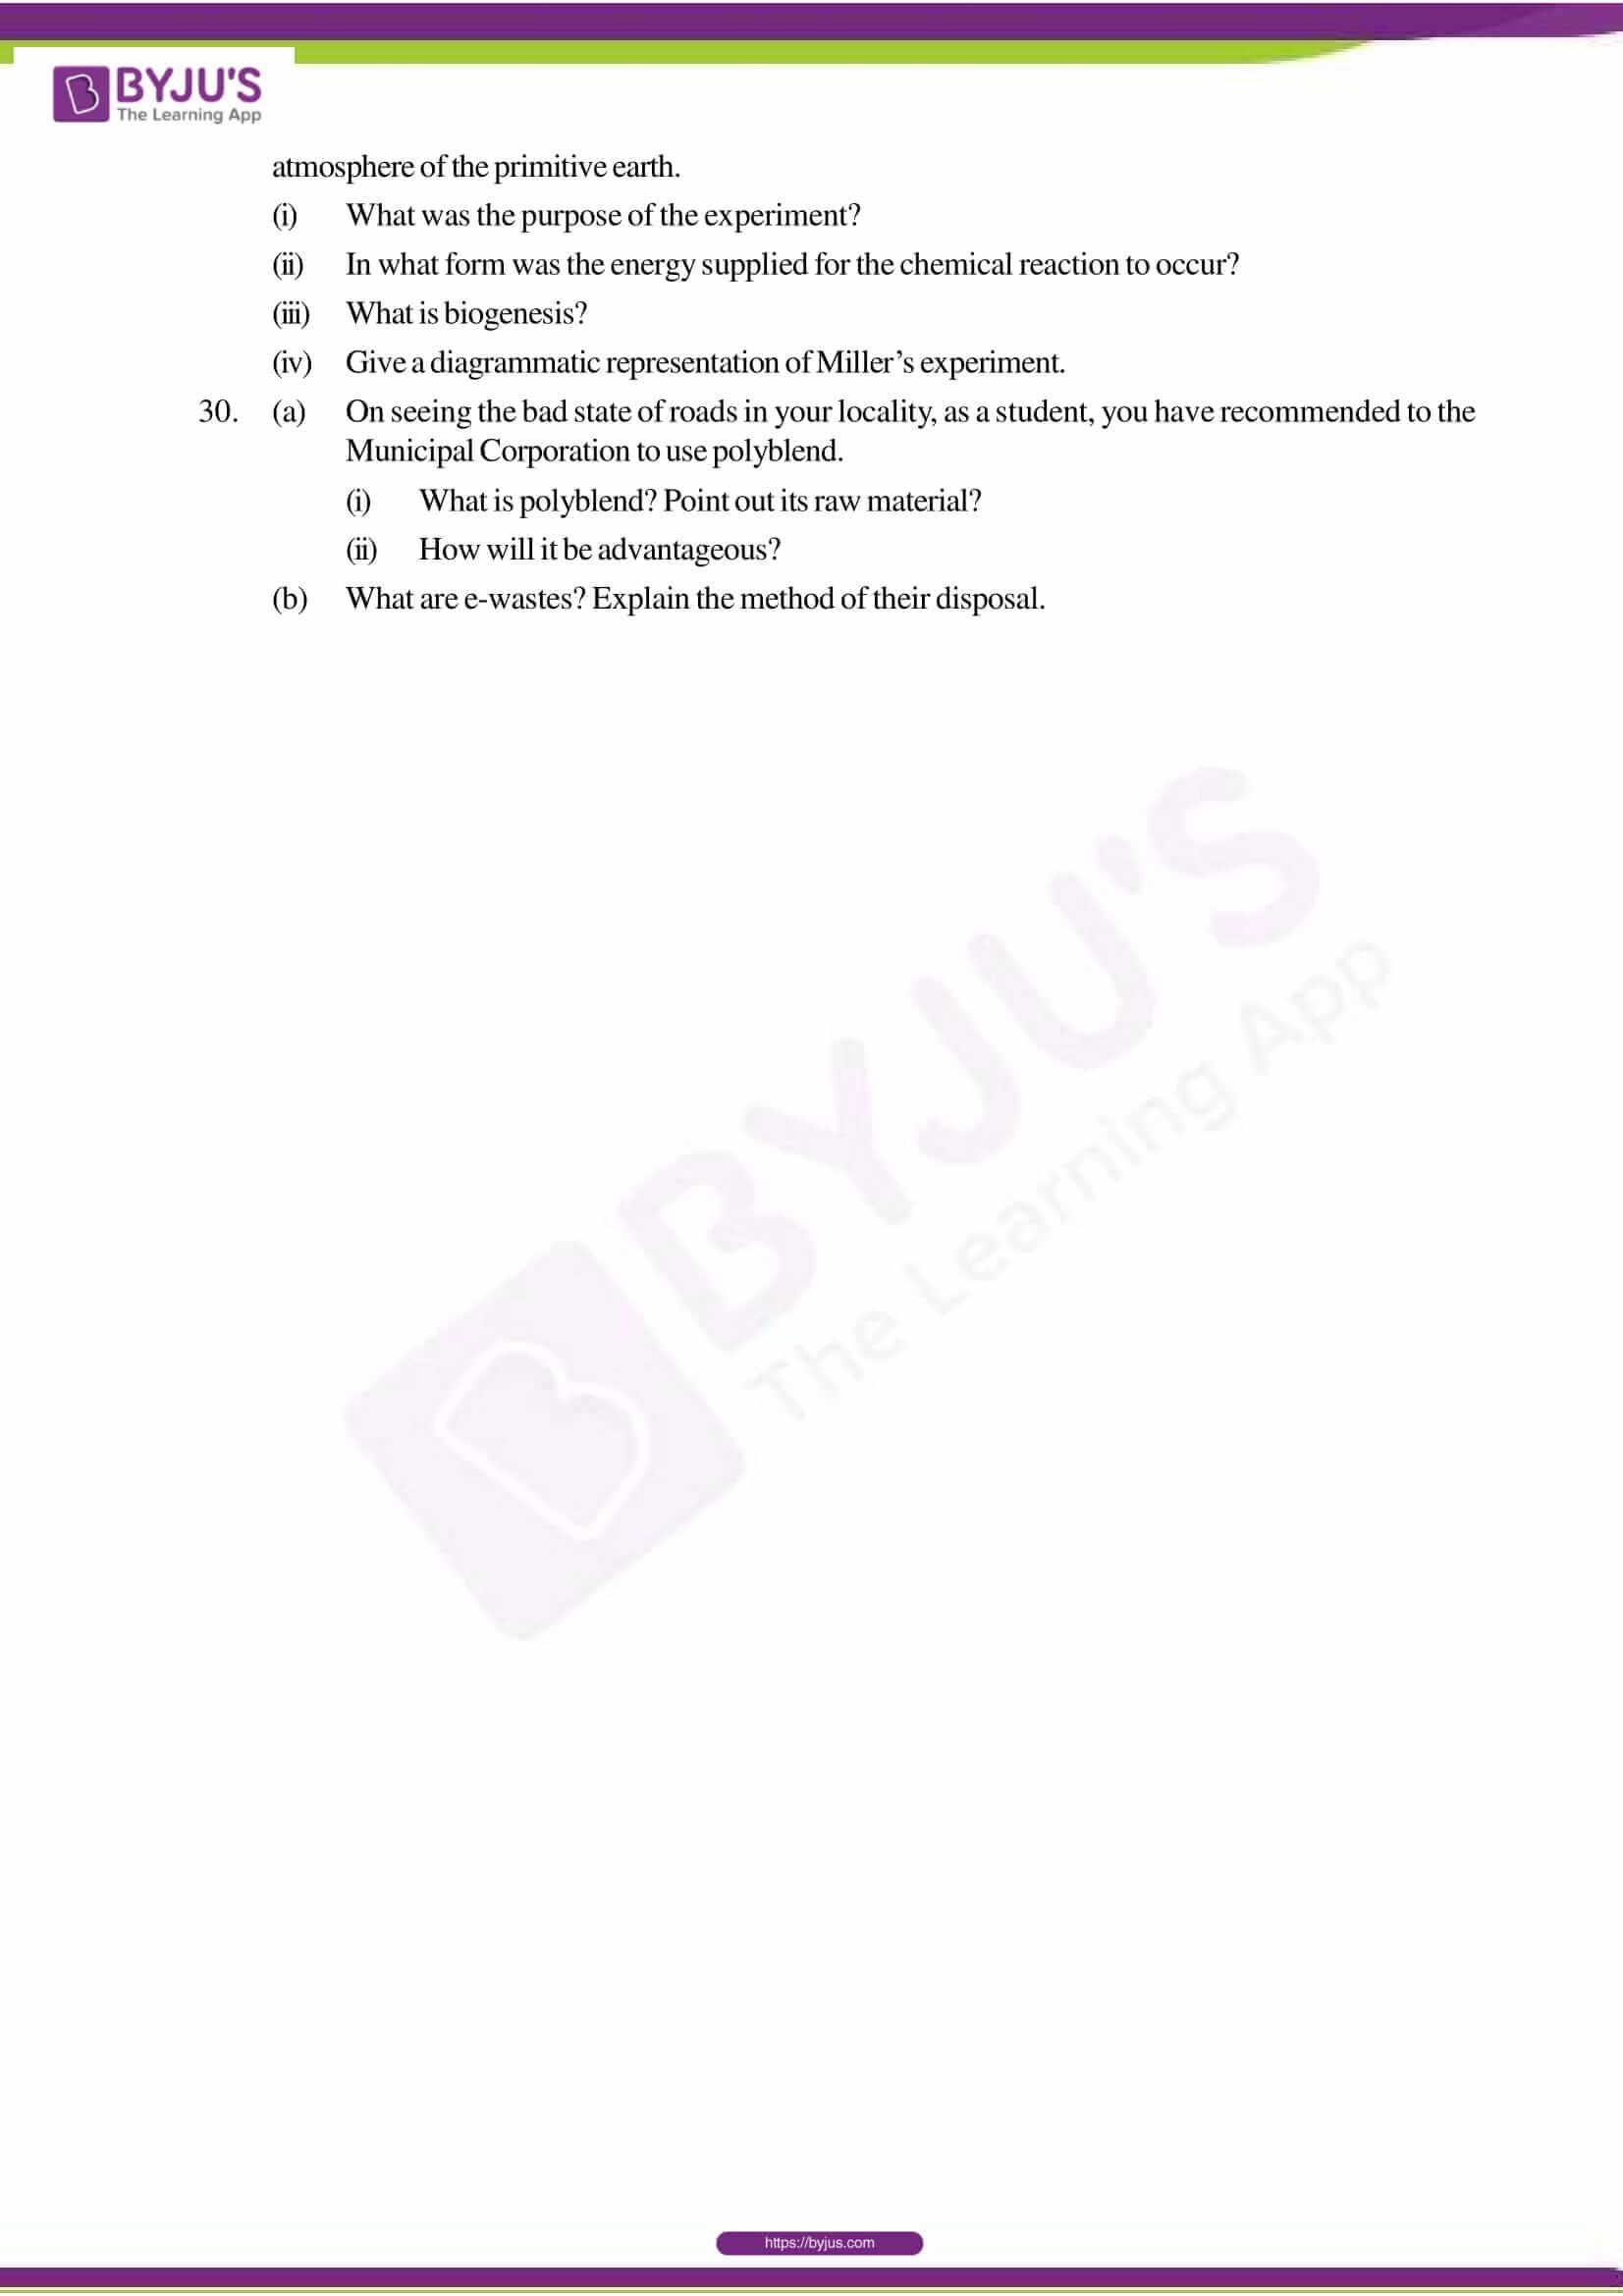 cbse sample paper class 12 biology set 1